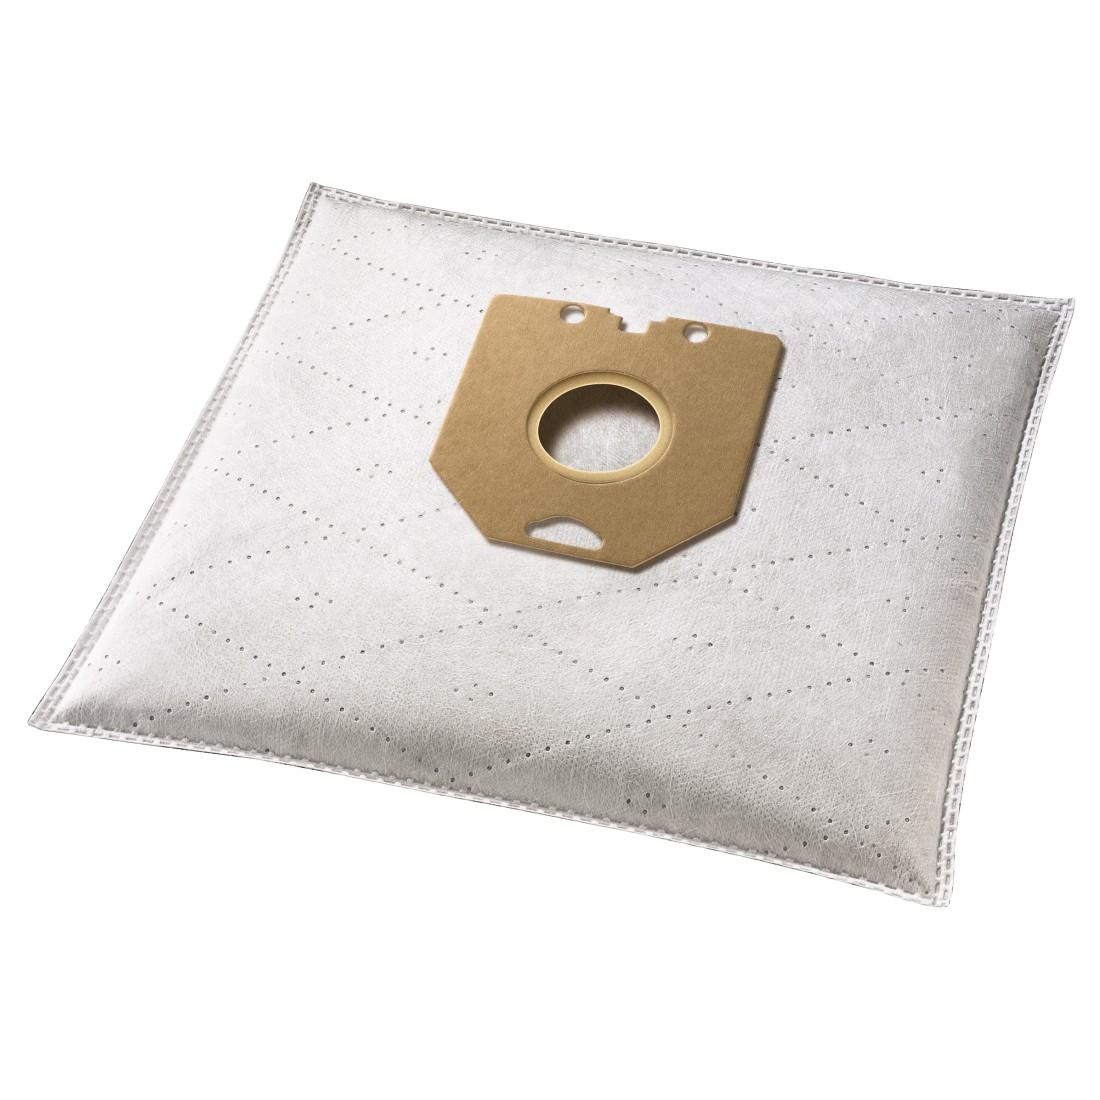 00110015 xavax staubsaugerbeutel ph 01 xavax die starke marke im haushalt. Black Bedroom Furniture Sets. Home Design Ideas